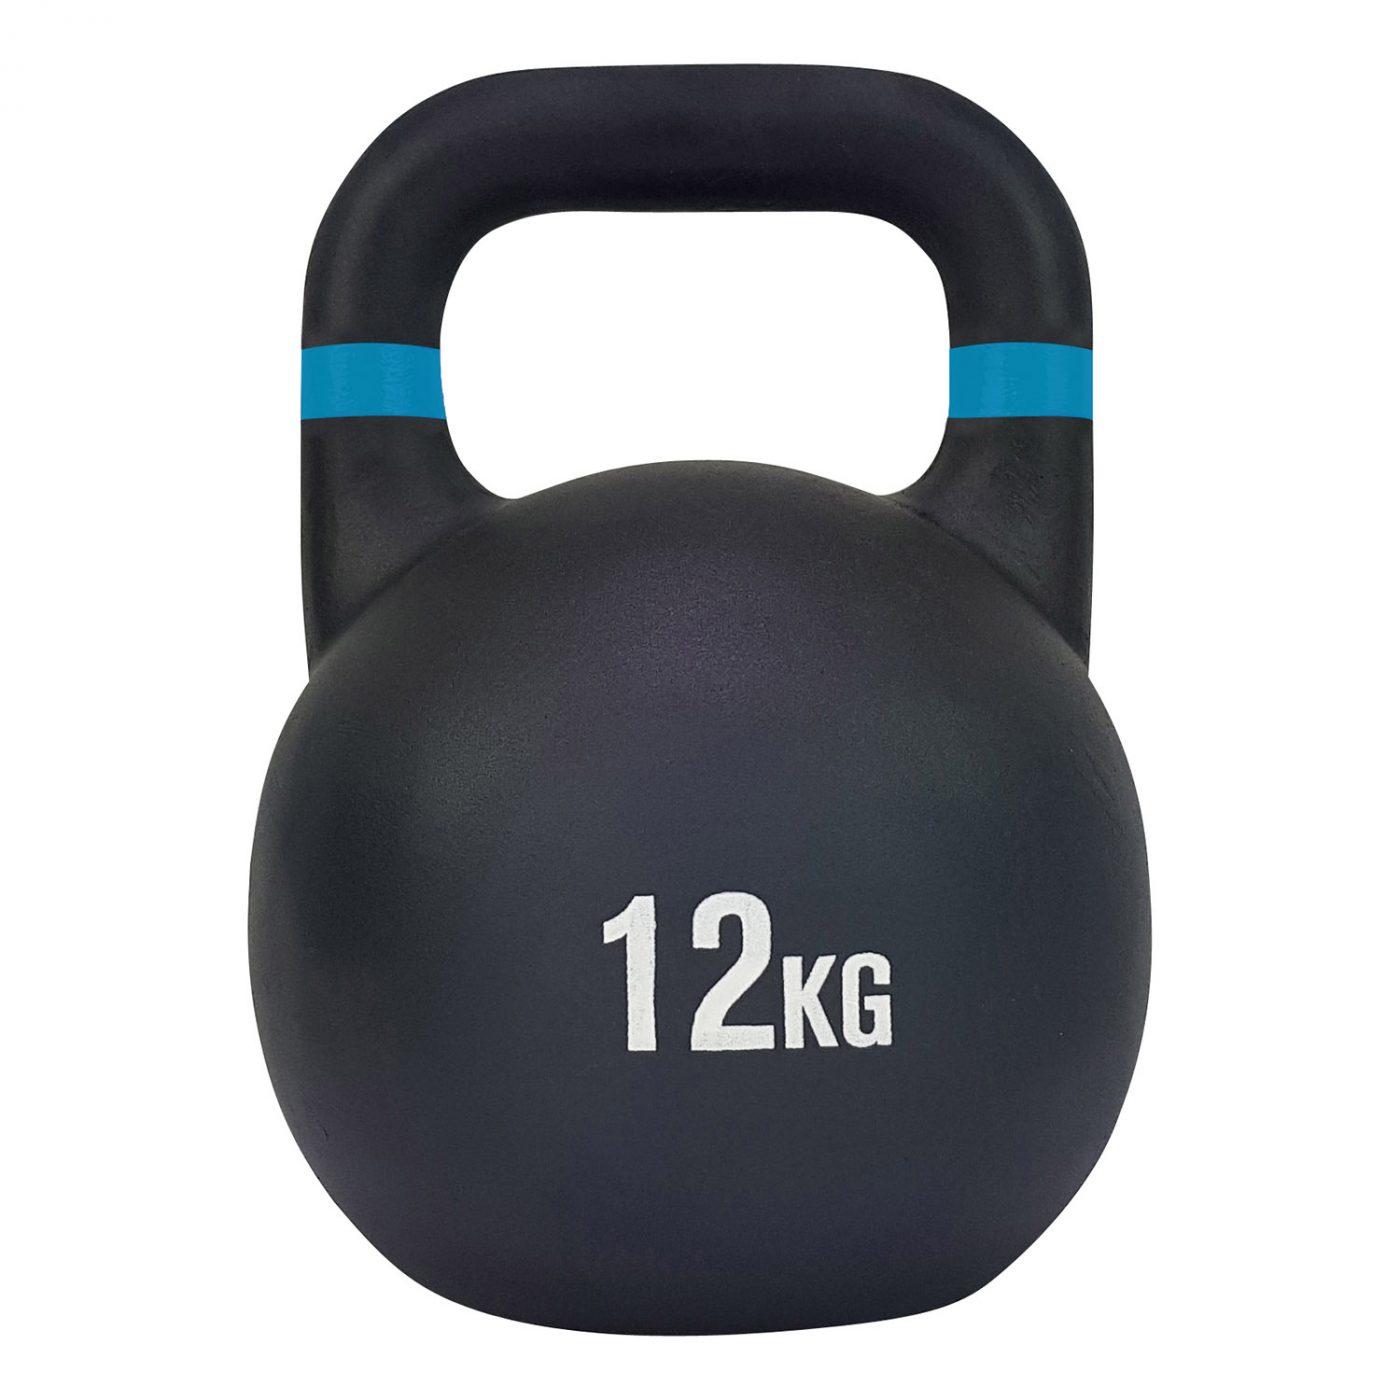 Tunturi Profesionele Kettlebell - 12kg